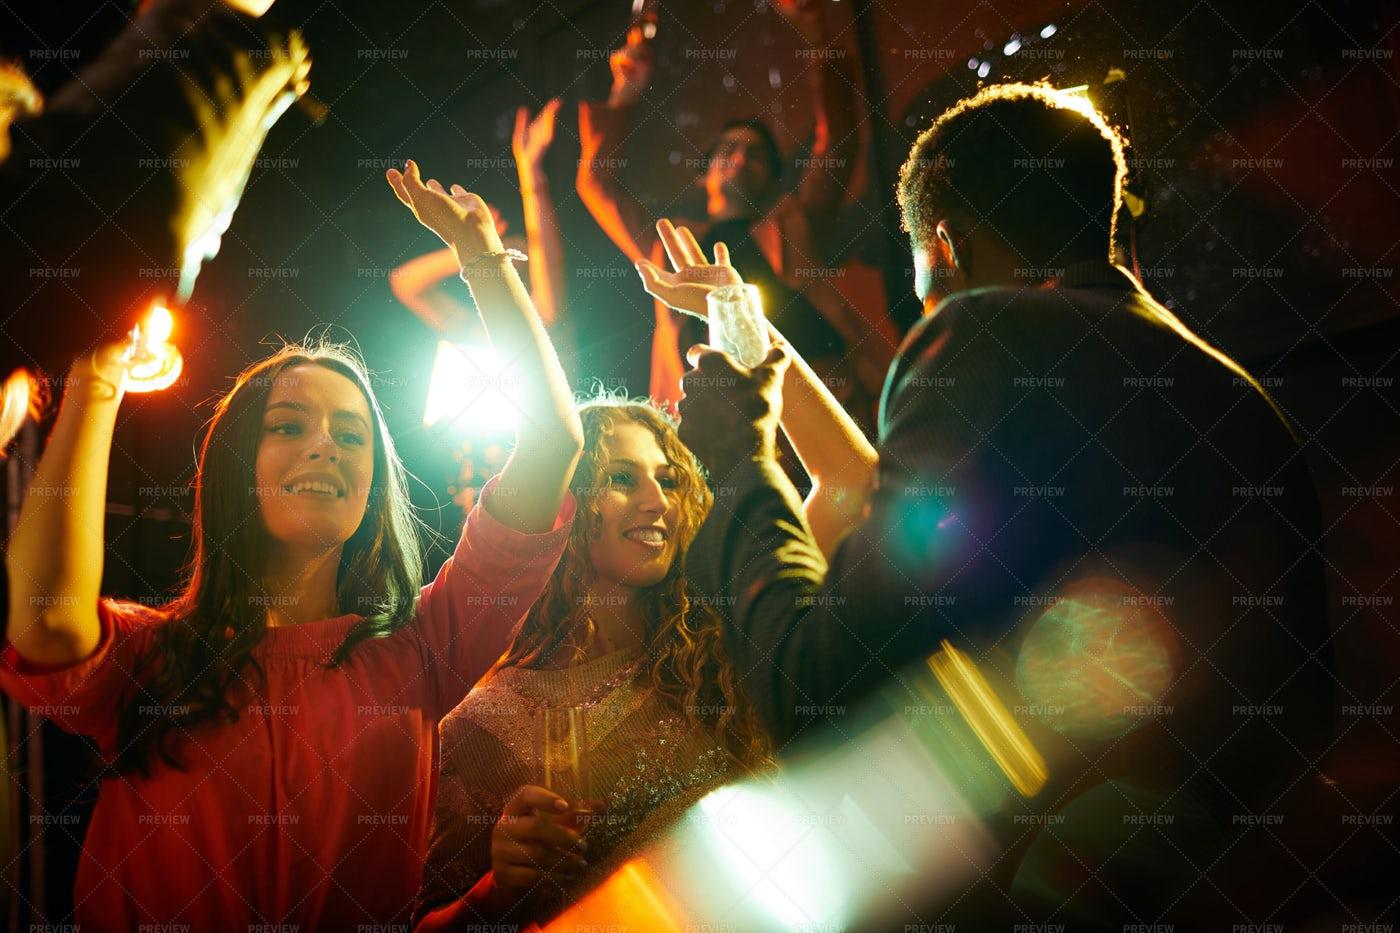 Beautiful Girls Dancing At Party: Stock Photos